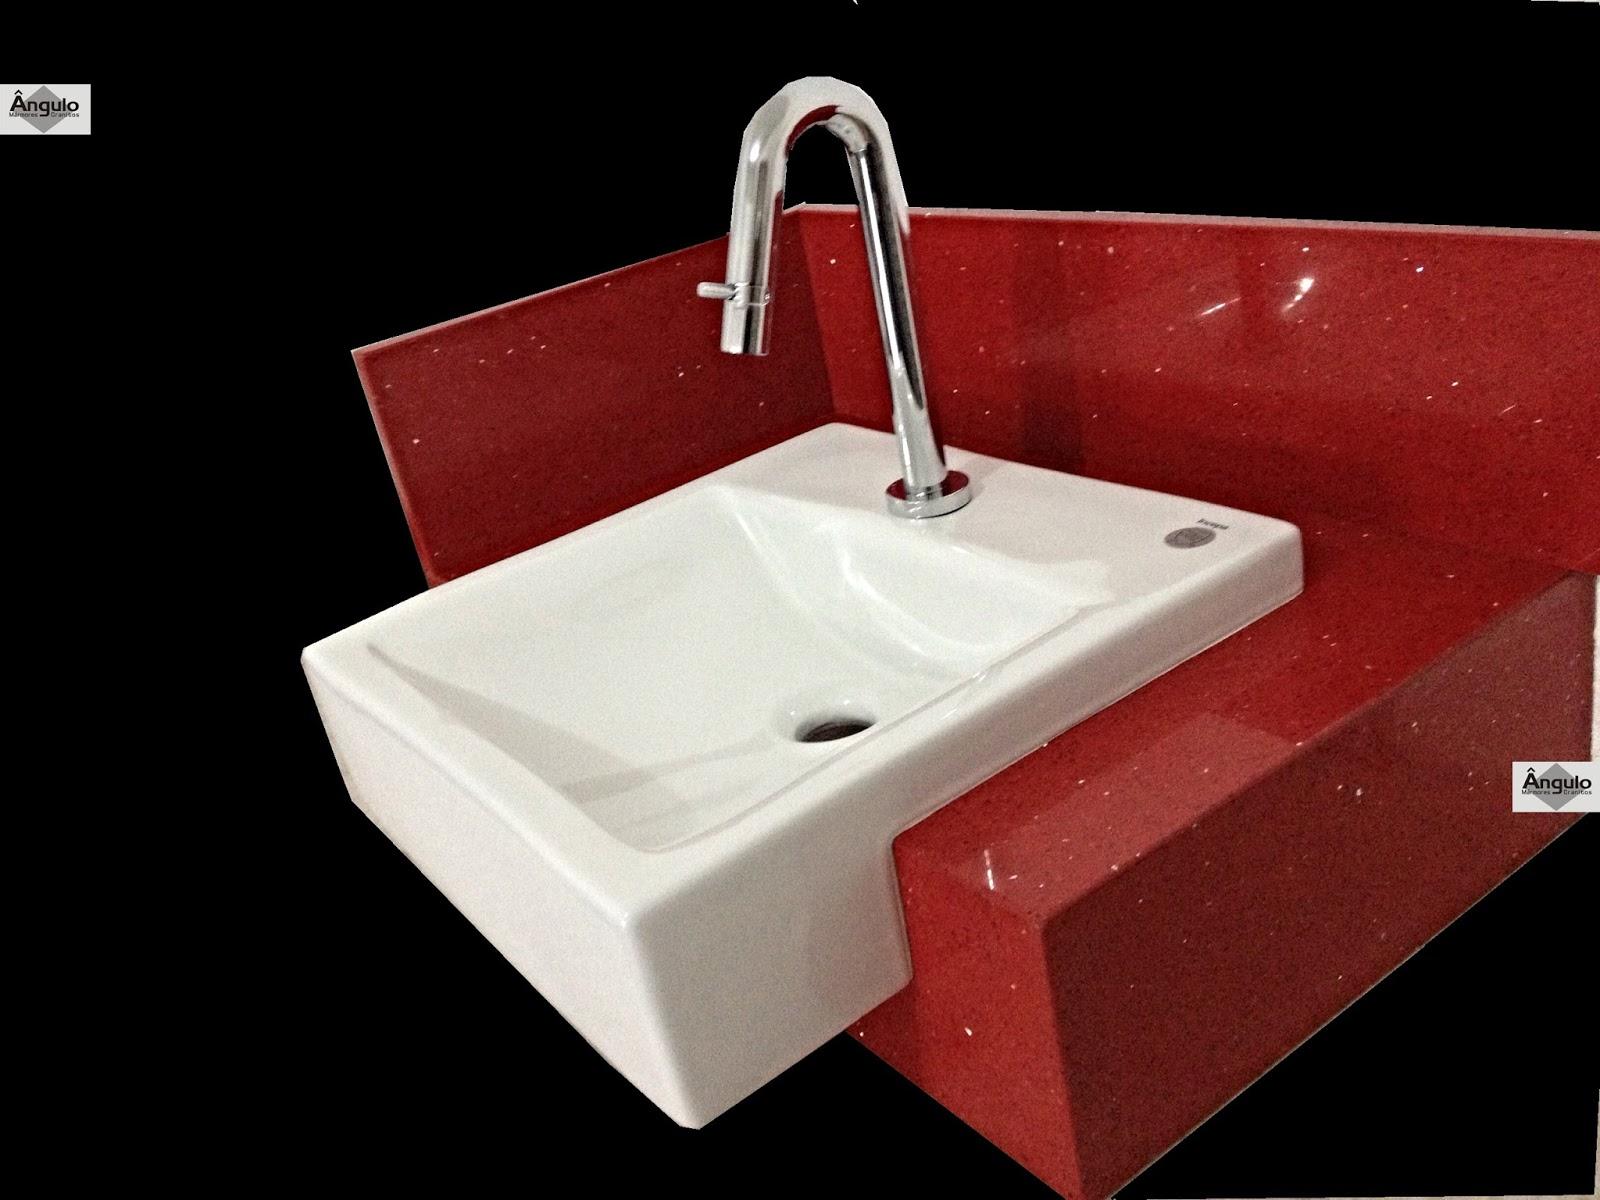 Bancada Banheiro Silestone Vermelho Stellar #020000 1600x1200 Bancada Banheiro Vermelha